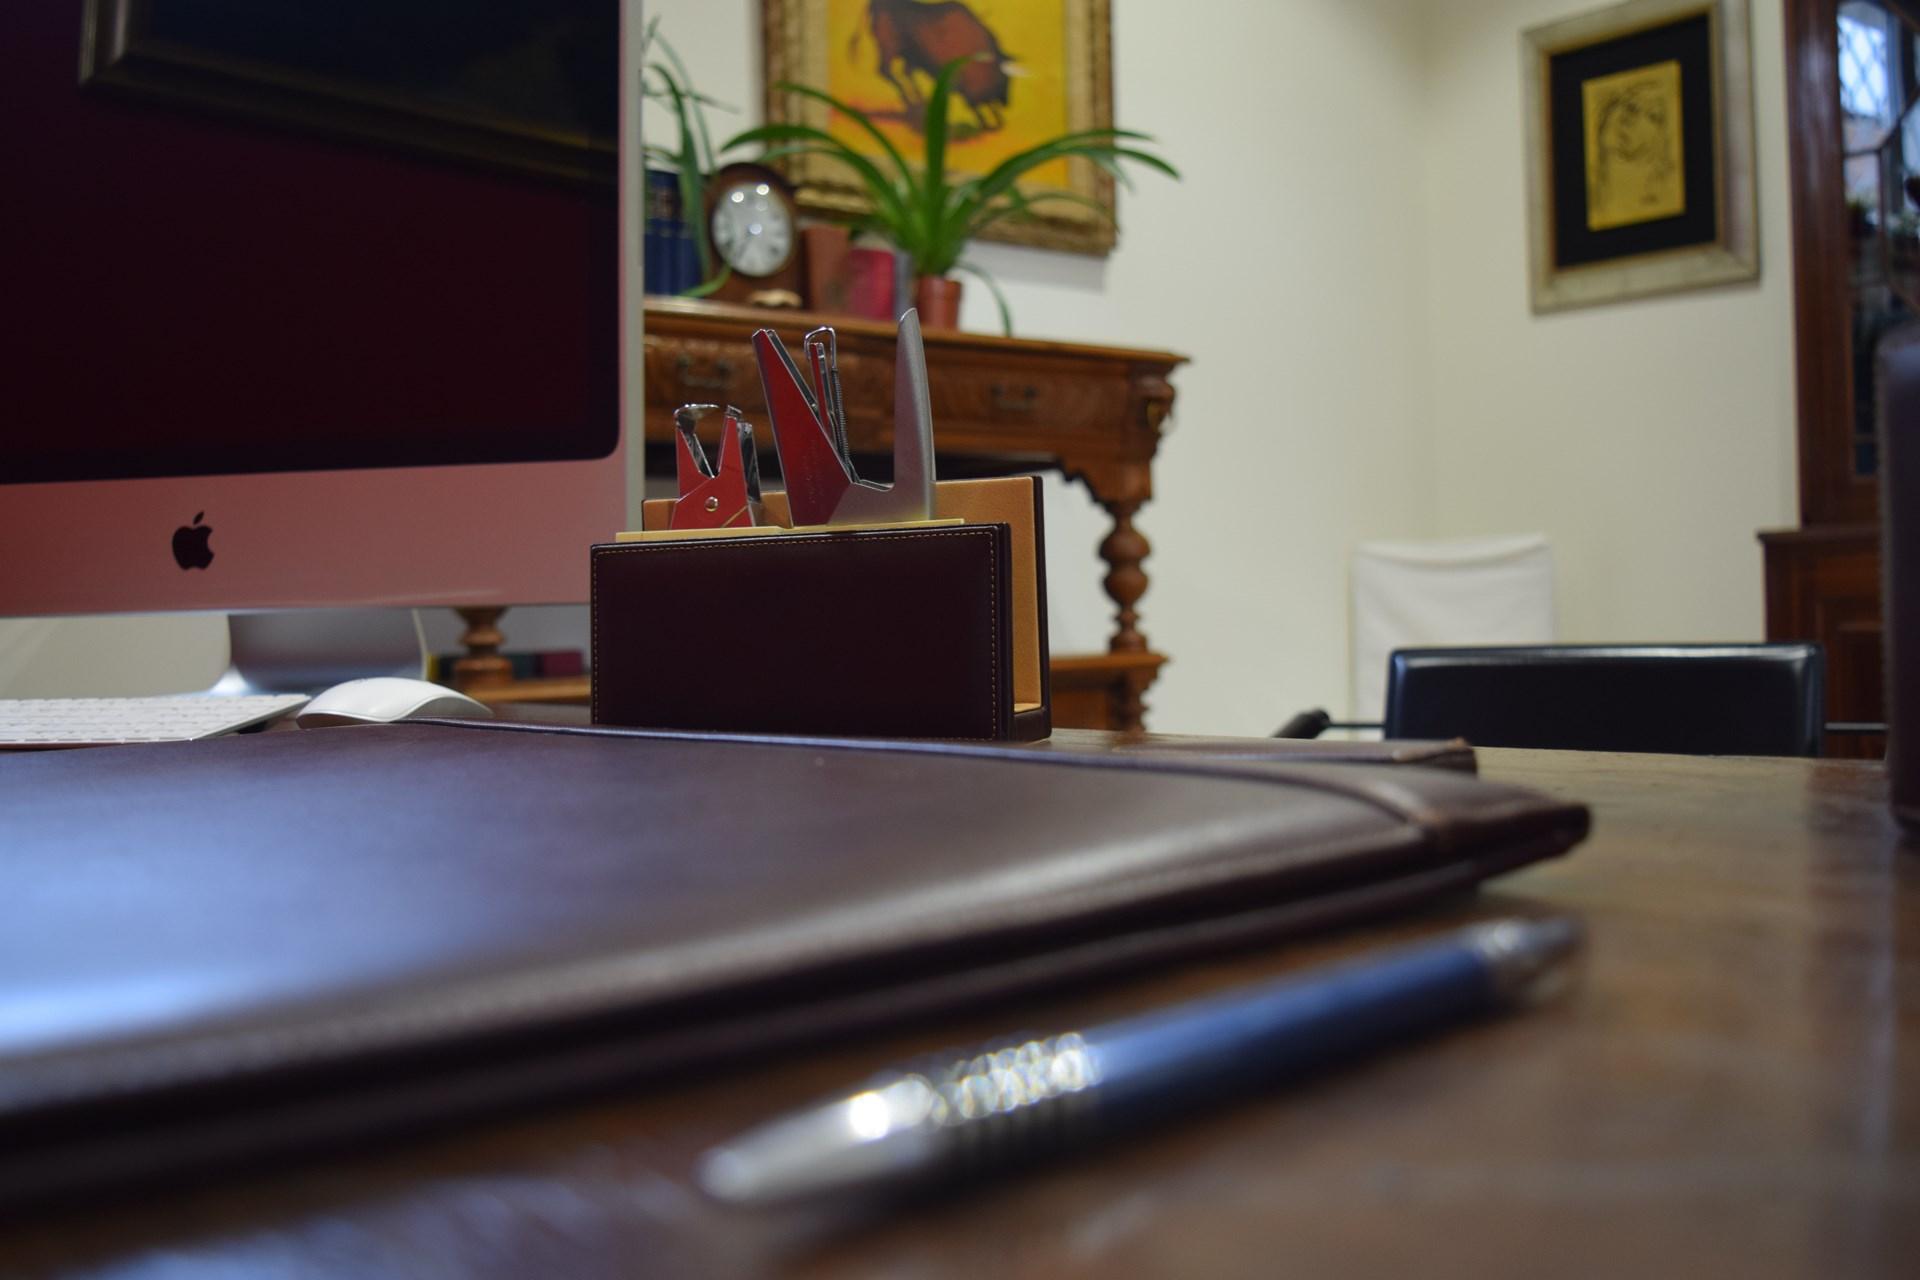 studio_legale_avvocato_velletri_cinquearchi (7)